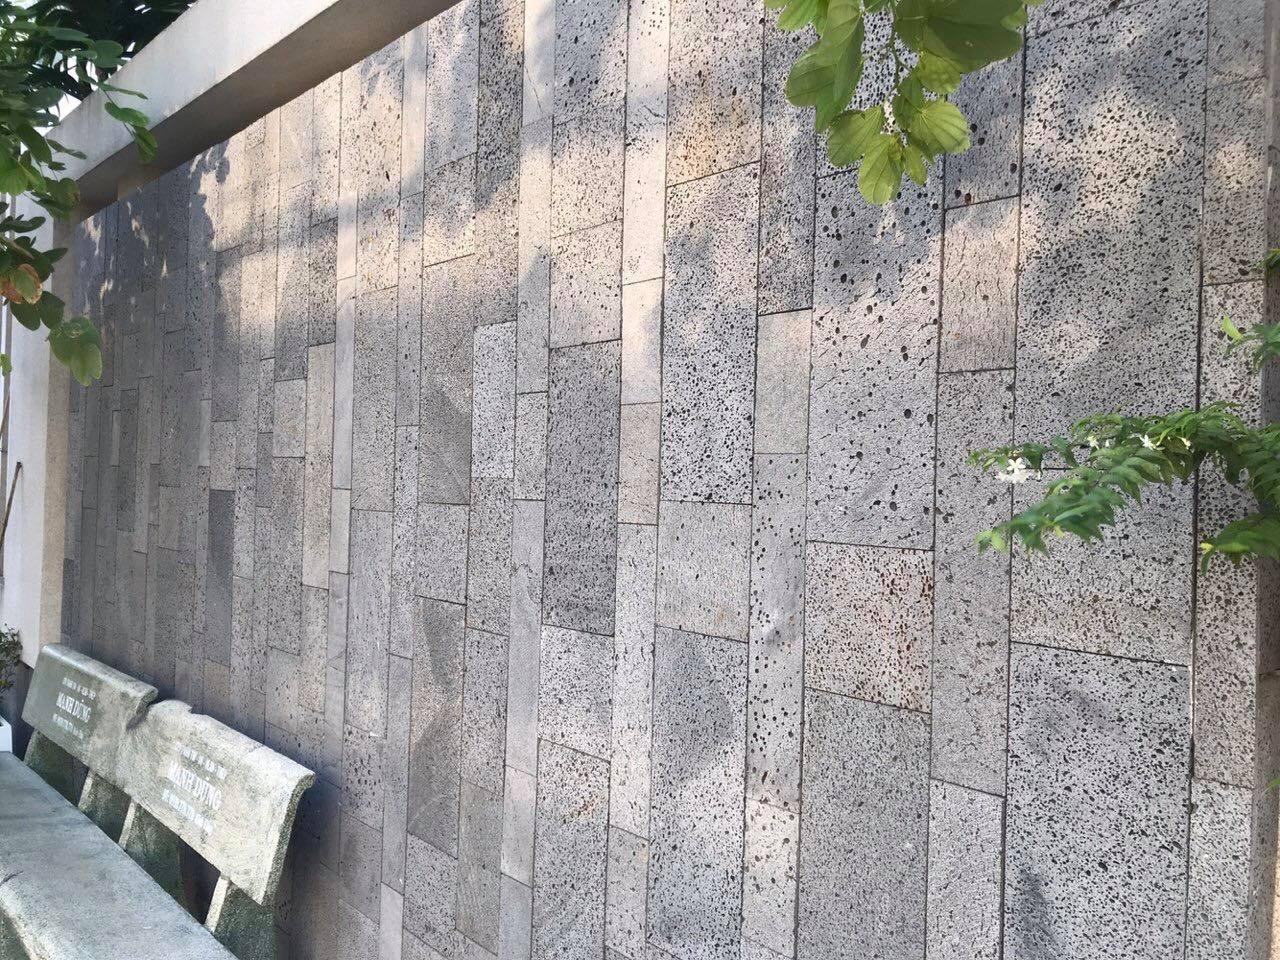 mẫu đá ốp tường ong xám